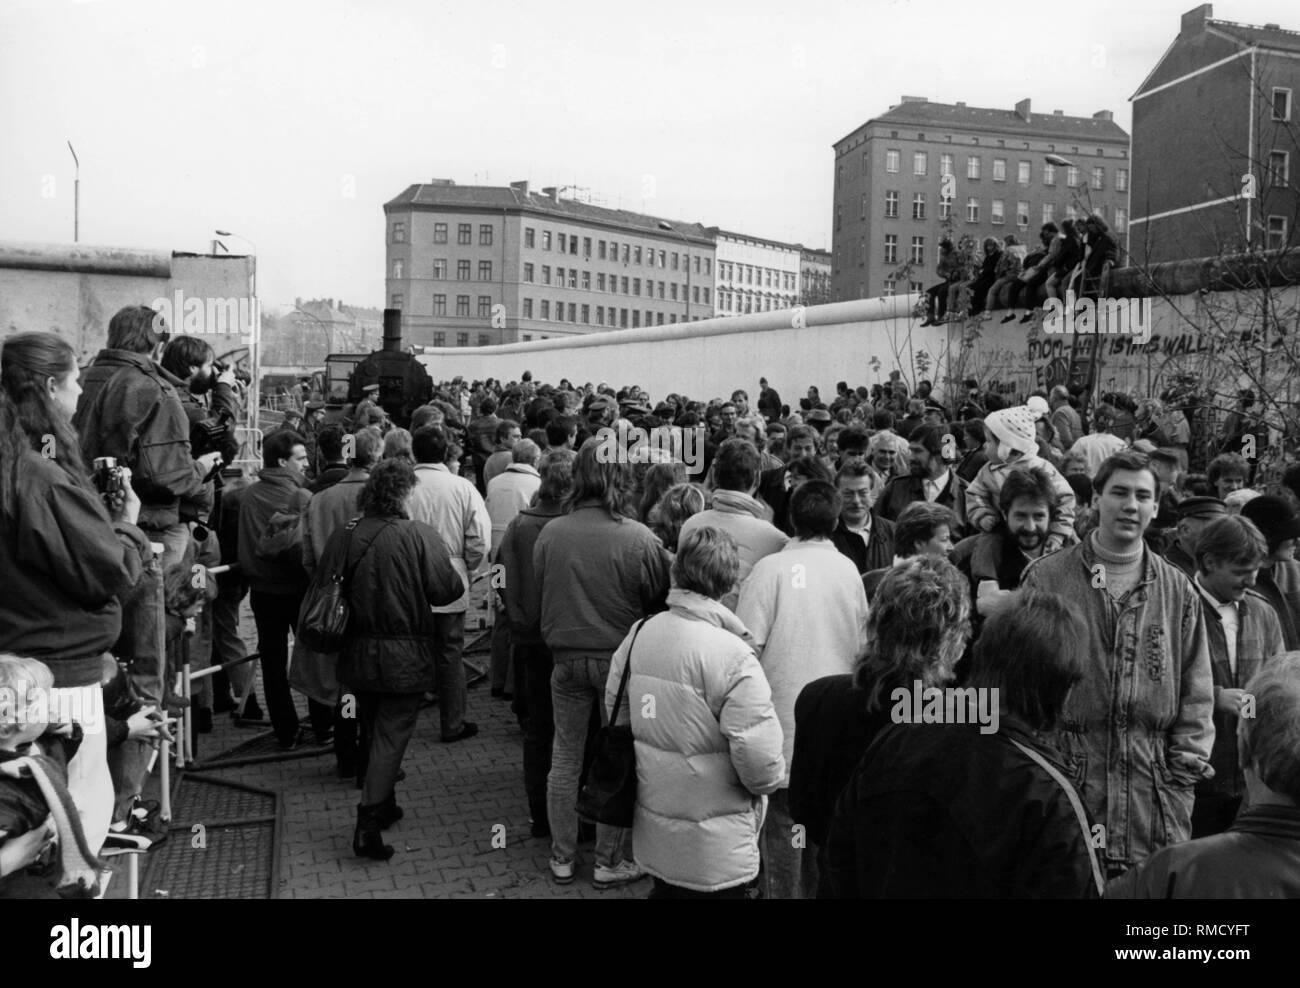 Dopo la caduta del muro di Berlino, numerosi berlinesi est visita a Berlino Ovest, dove sono ricevuti. Immagini Stock